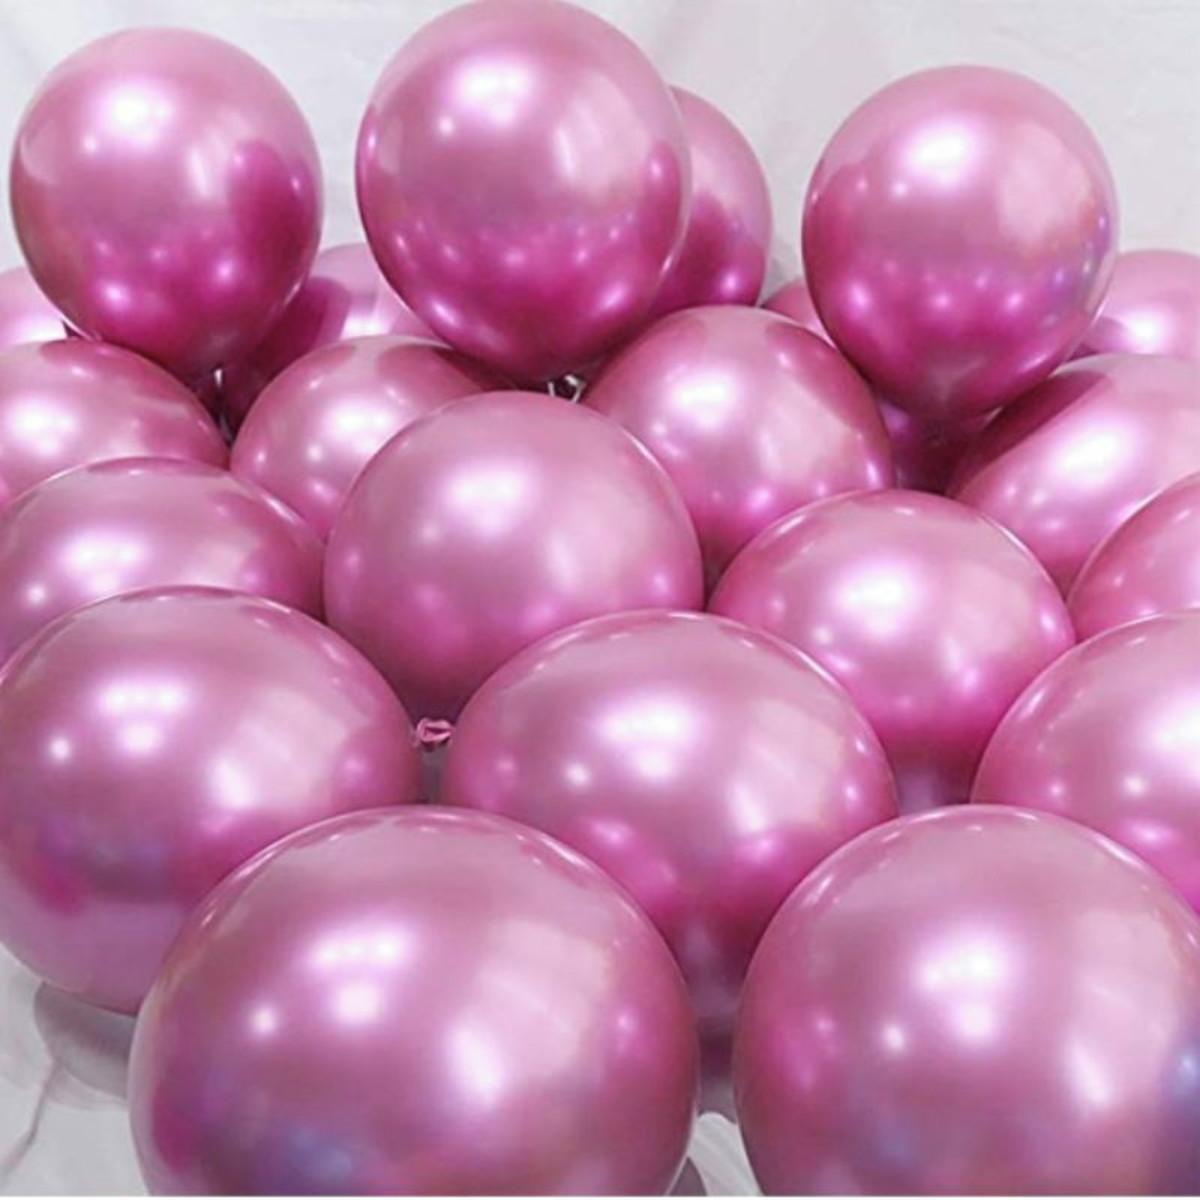 25 Unid Balão Rosa Platino Cromado Pic Pic